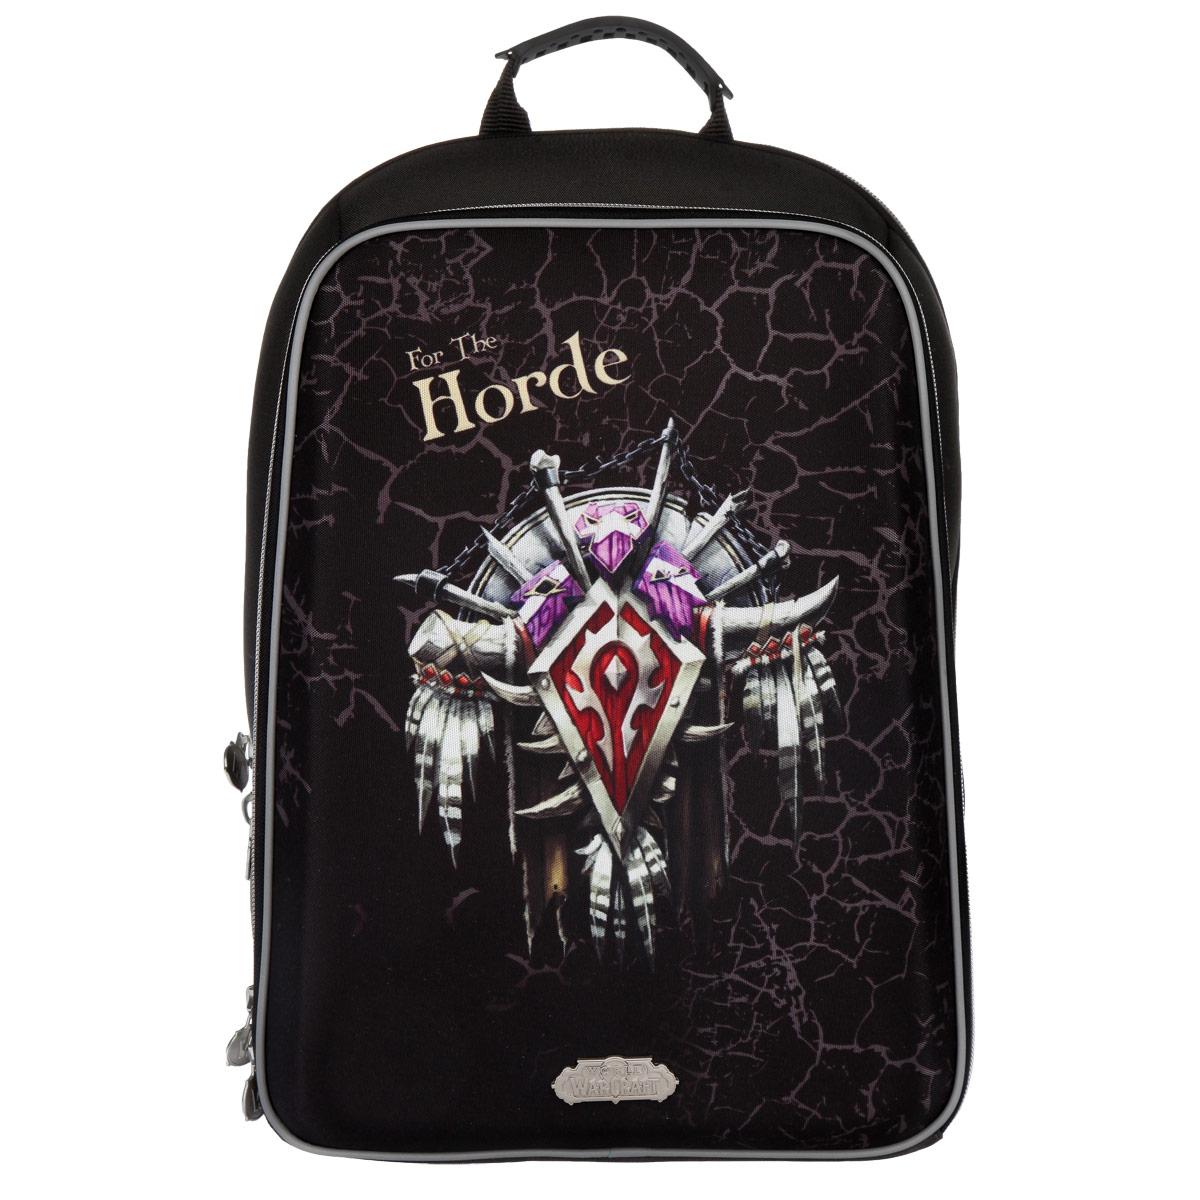 Рюкзак Proff World of Warcraft, жесткая форма, цвет: черныйWC15-HBP-02Рюкзак Proff War Craft выполнен из высококачественного плотного материала и отлично держит форму. Рюкзак содержит одно основное и одно дополнительное отделения. В основном отделении имеется двойной сквозной карман на липучке, подходящий для переноски ноутбука и документов формата А4. Дополнительное отделение содержит карман-сетку на застежке-молнии и большой открытый карман с нашитыми на него маленькими открытыми карманами для различных принадлежностей. Эргономичная конструкция спинки снижает давление и оптимально распределяет нагрузку на позвоночник ребенка, способствуя формированию правильной осанки. Для удобства и комфорта спинка и лямки изделия дополнены эргономичными подушечками и противоскользящей сеточкой с вентиляционными отверстиями.Ранец оснащен текстильной ручкой с резиновой насадкой для удобной переноски в руке. Широкие мягкие лямки регулируются по длине и равномерно распределяют нагрузку на плечевой пояс. Устойчивое дно ранца изготовлено из прочного материала и дополнено пластмассовыми ножками.Светоотражающие элементы обеспечивают дополнительную безопасность в темное время суток.Рекомендуемый возраст: от 7 лет.